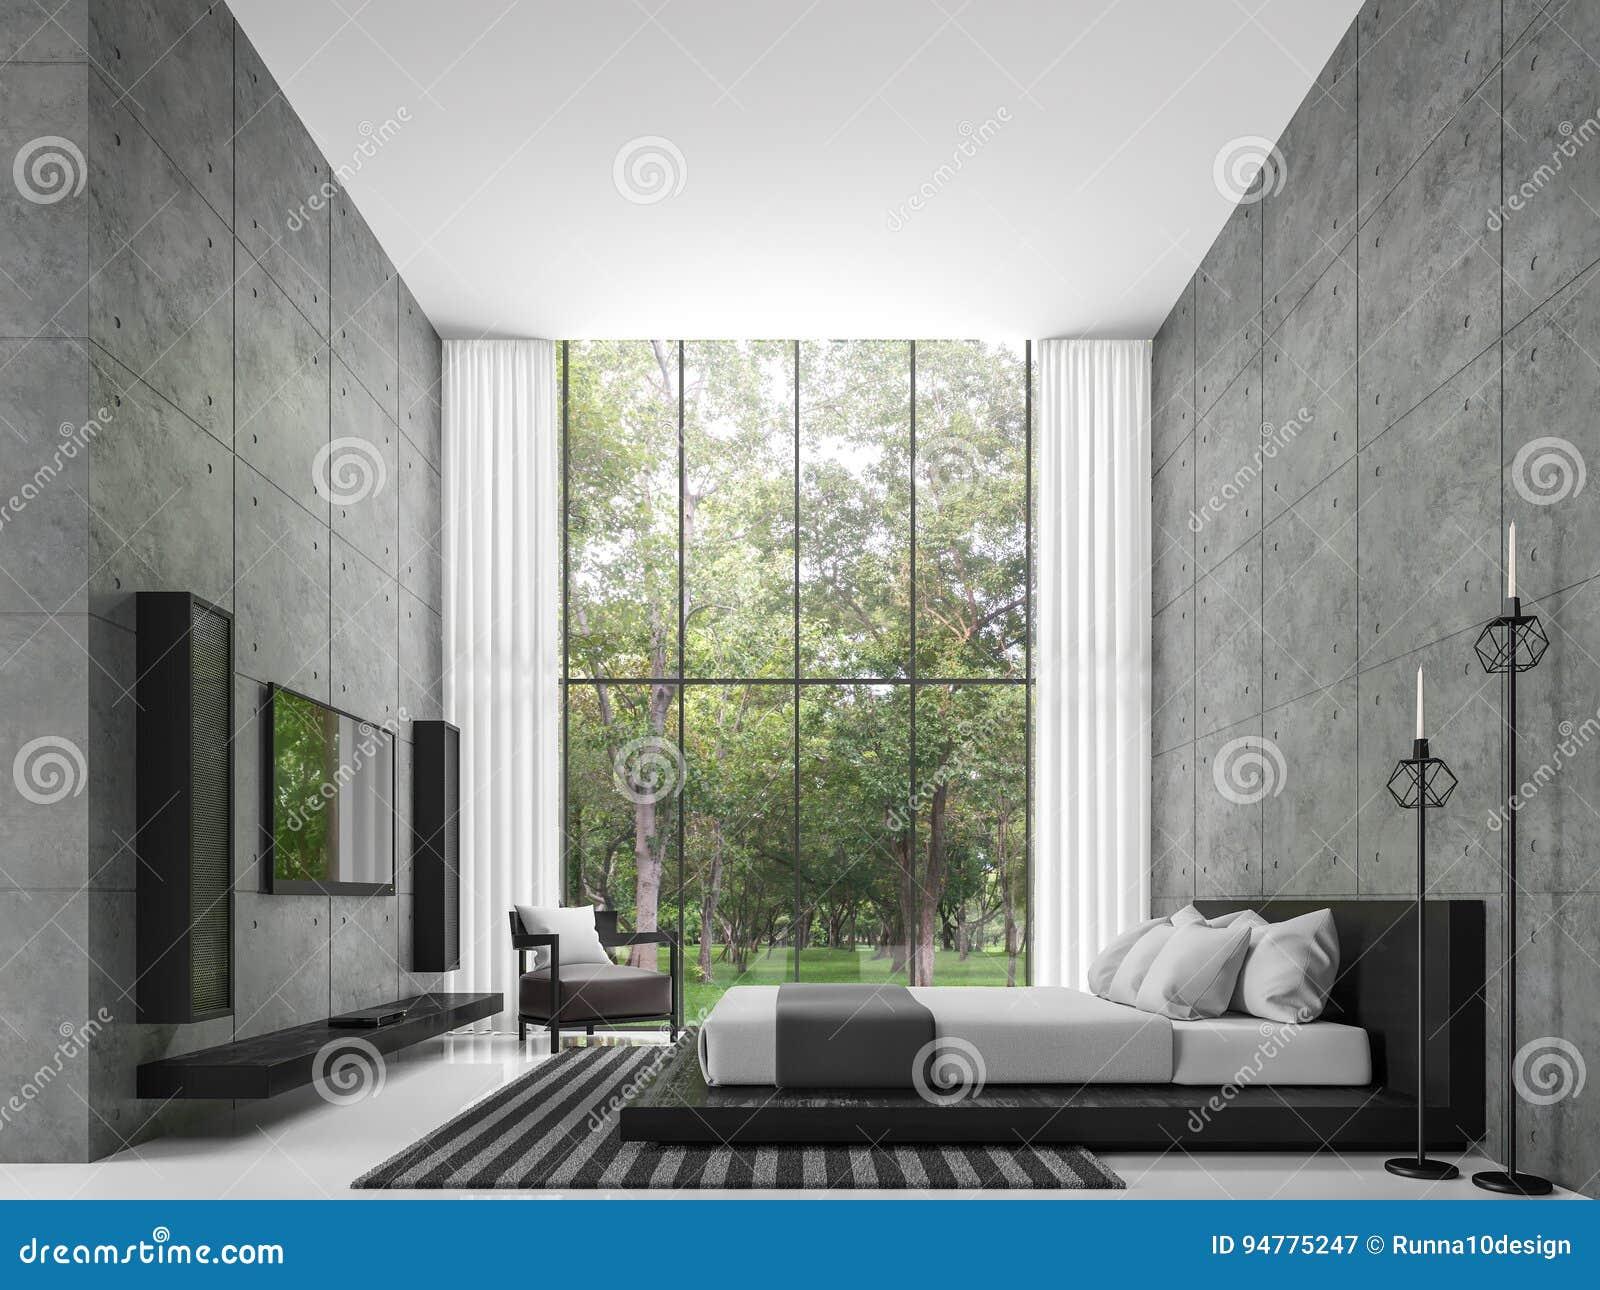 polished concrete floor loft. Modern Loft Bedroom 3d Rendering Image Stock Illustration - Of Cozy, Contemporary: 94775247 Polished Concrete Floor